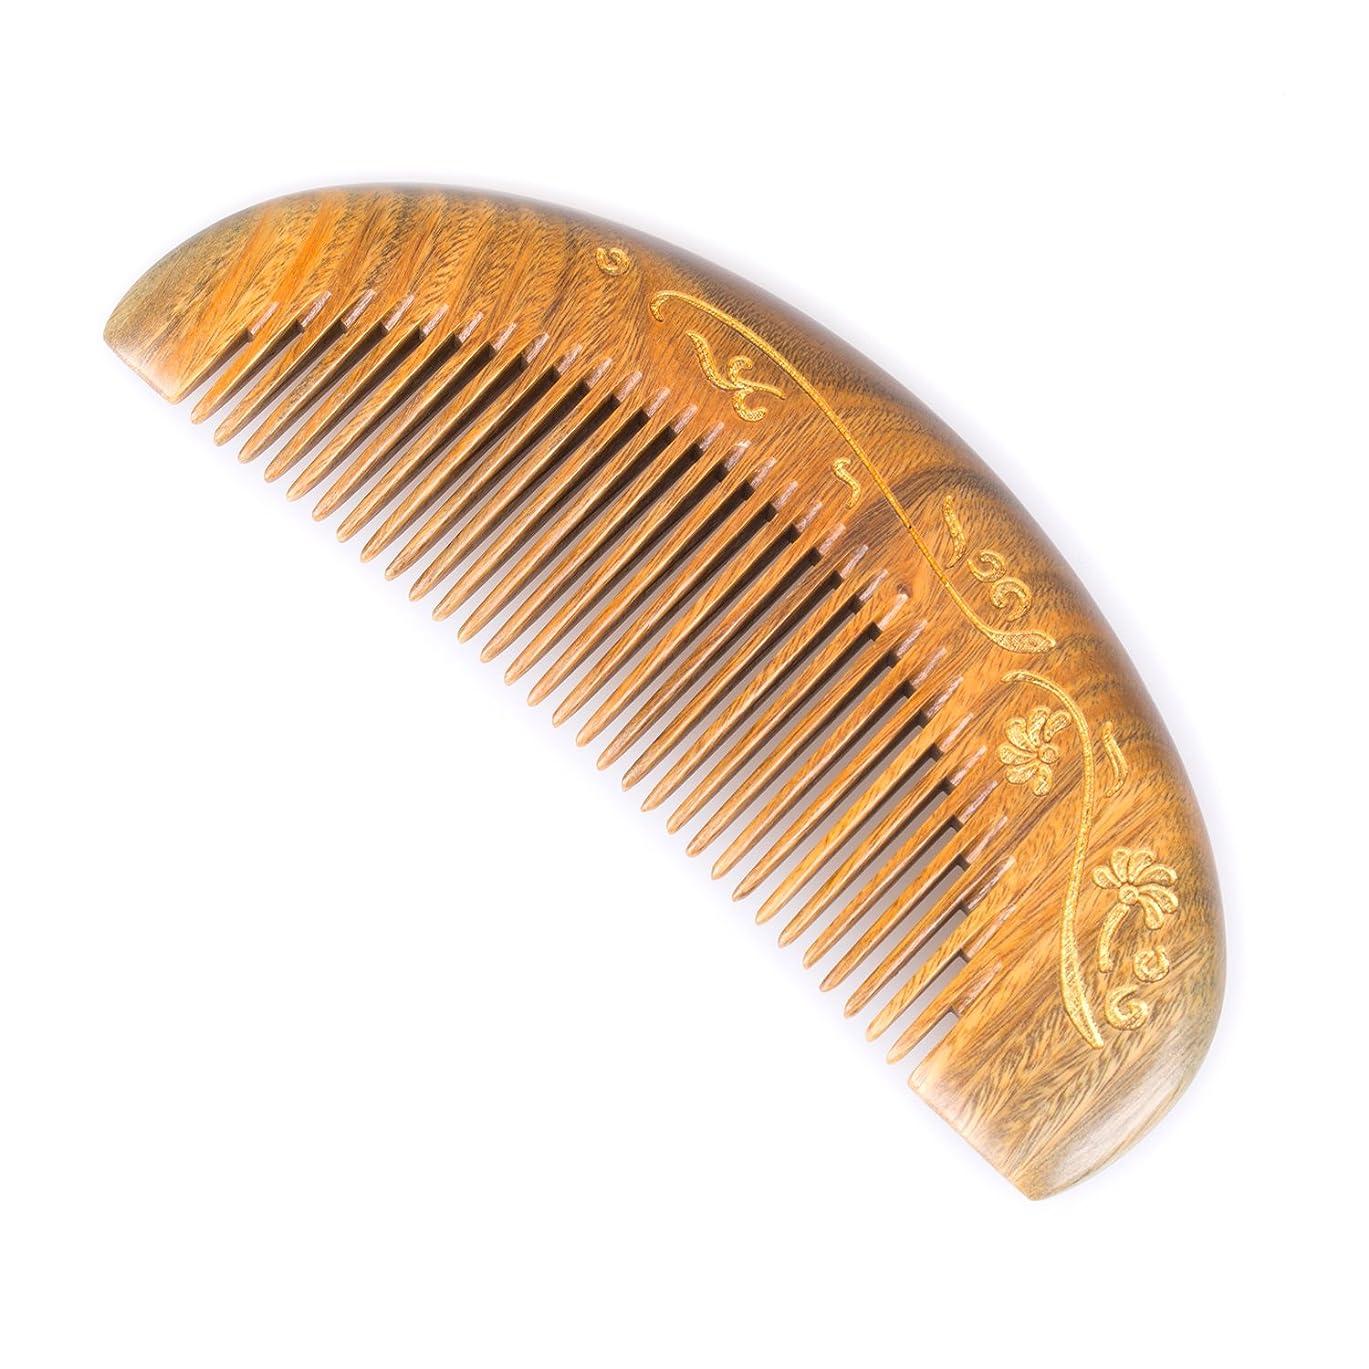 最後のコンテンツずらすブリーズライクBreezelike 緑檀 静電気防止 櫛 細歯 半月形 金色の花 グリーンサンダルウッド コーム